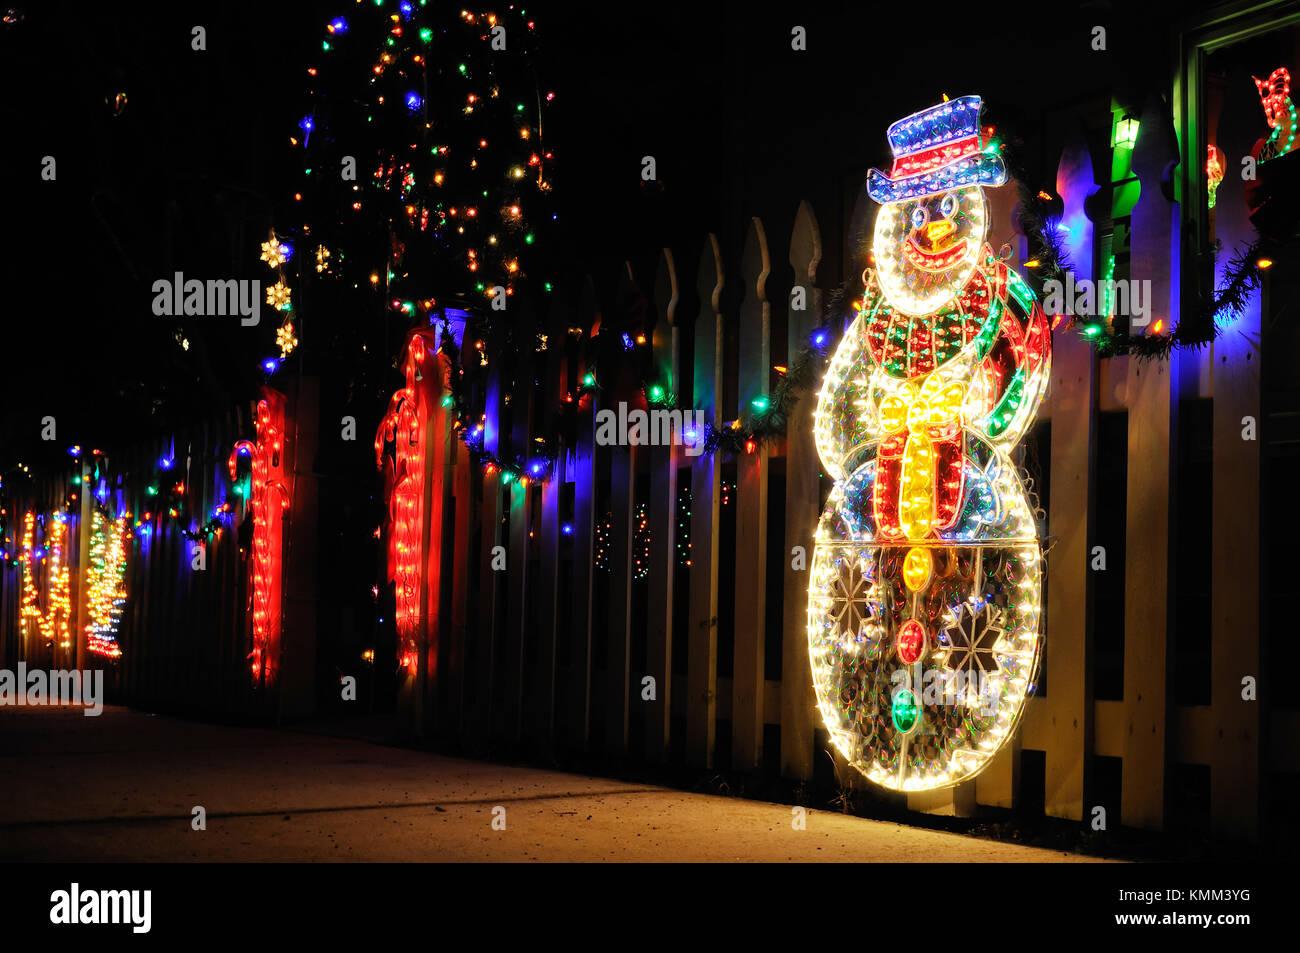 Weihnachtsbeleuchtung Bunt.Weihnachtsbeleuchtung Outdoor Display Mit Schneemann Und